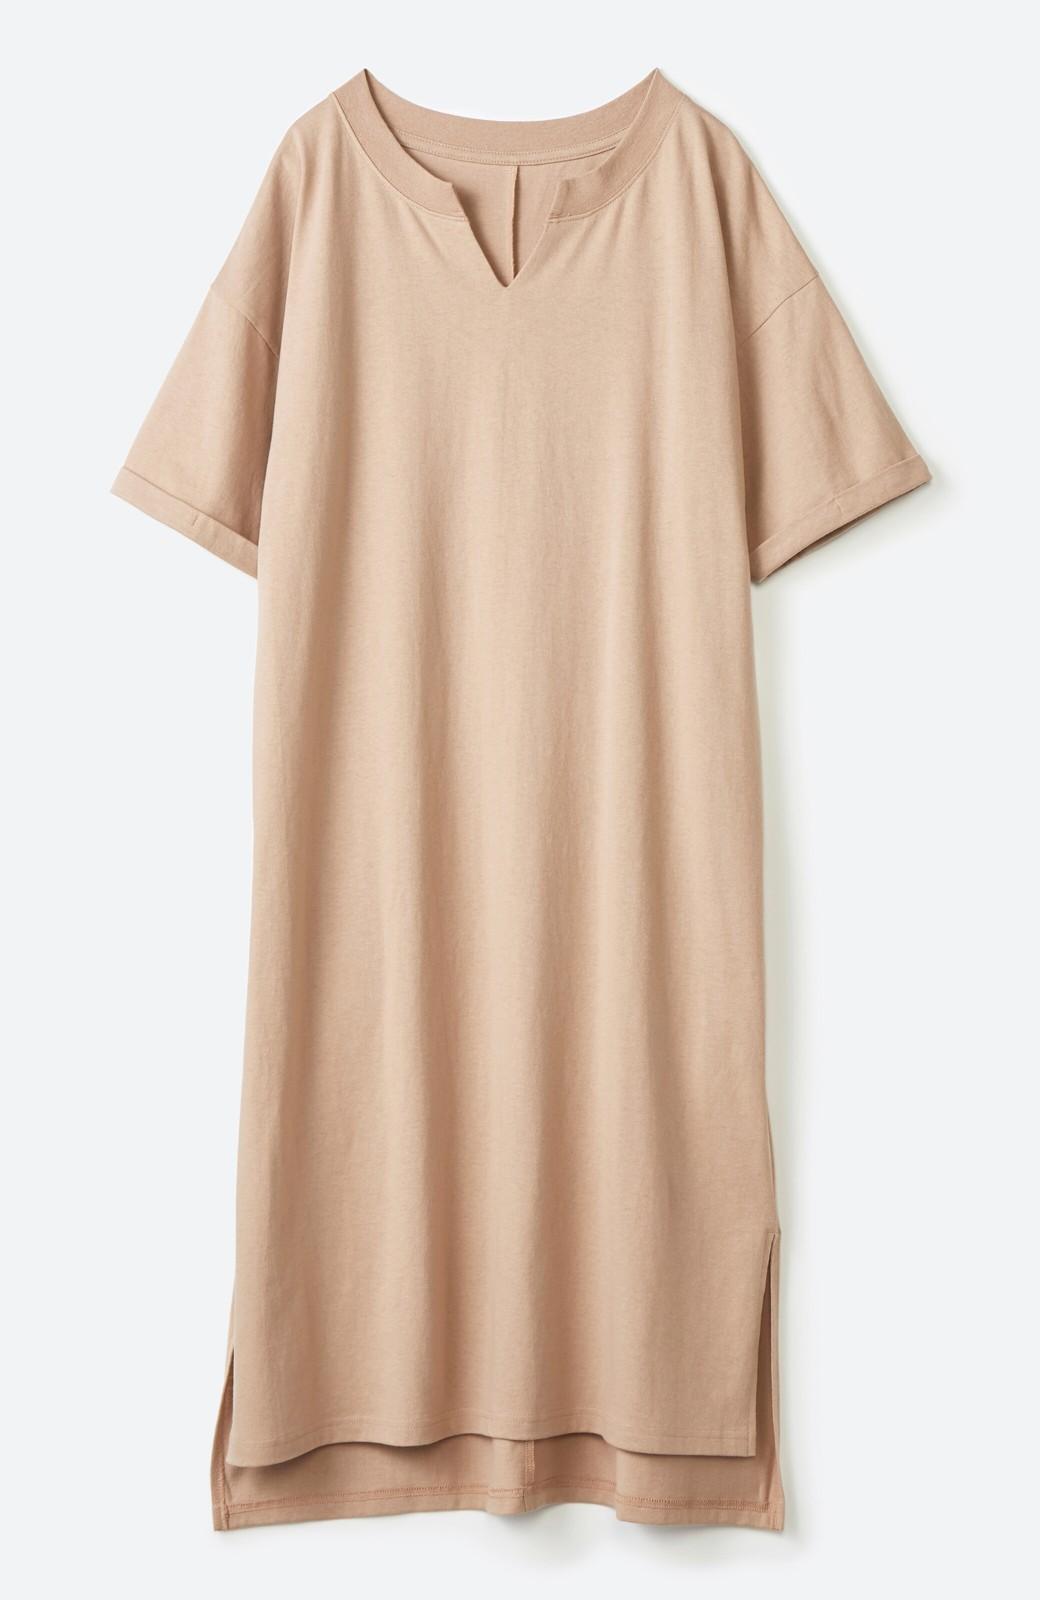 haco! キーネックがさり気なく女っぽい 重ね着にも便利なビッグTシャツワンピース <ベージュ>の商品写真2